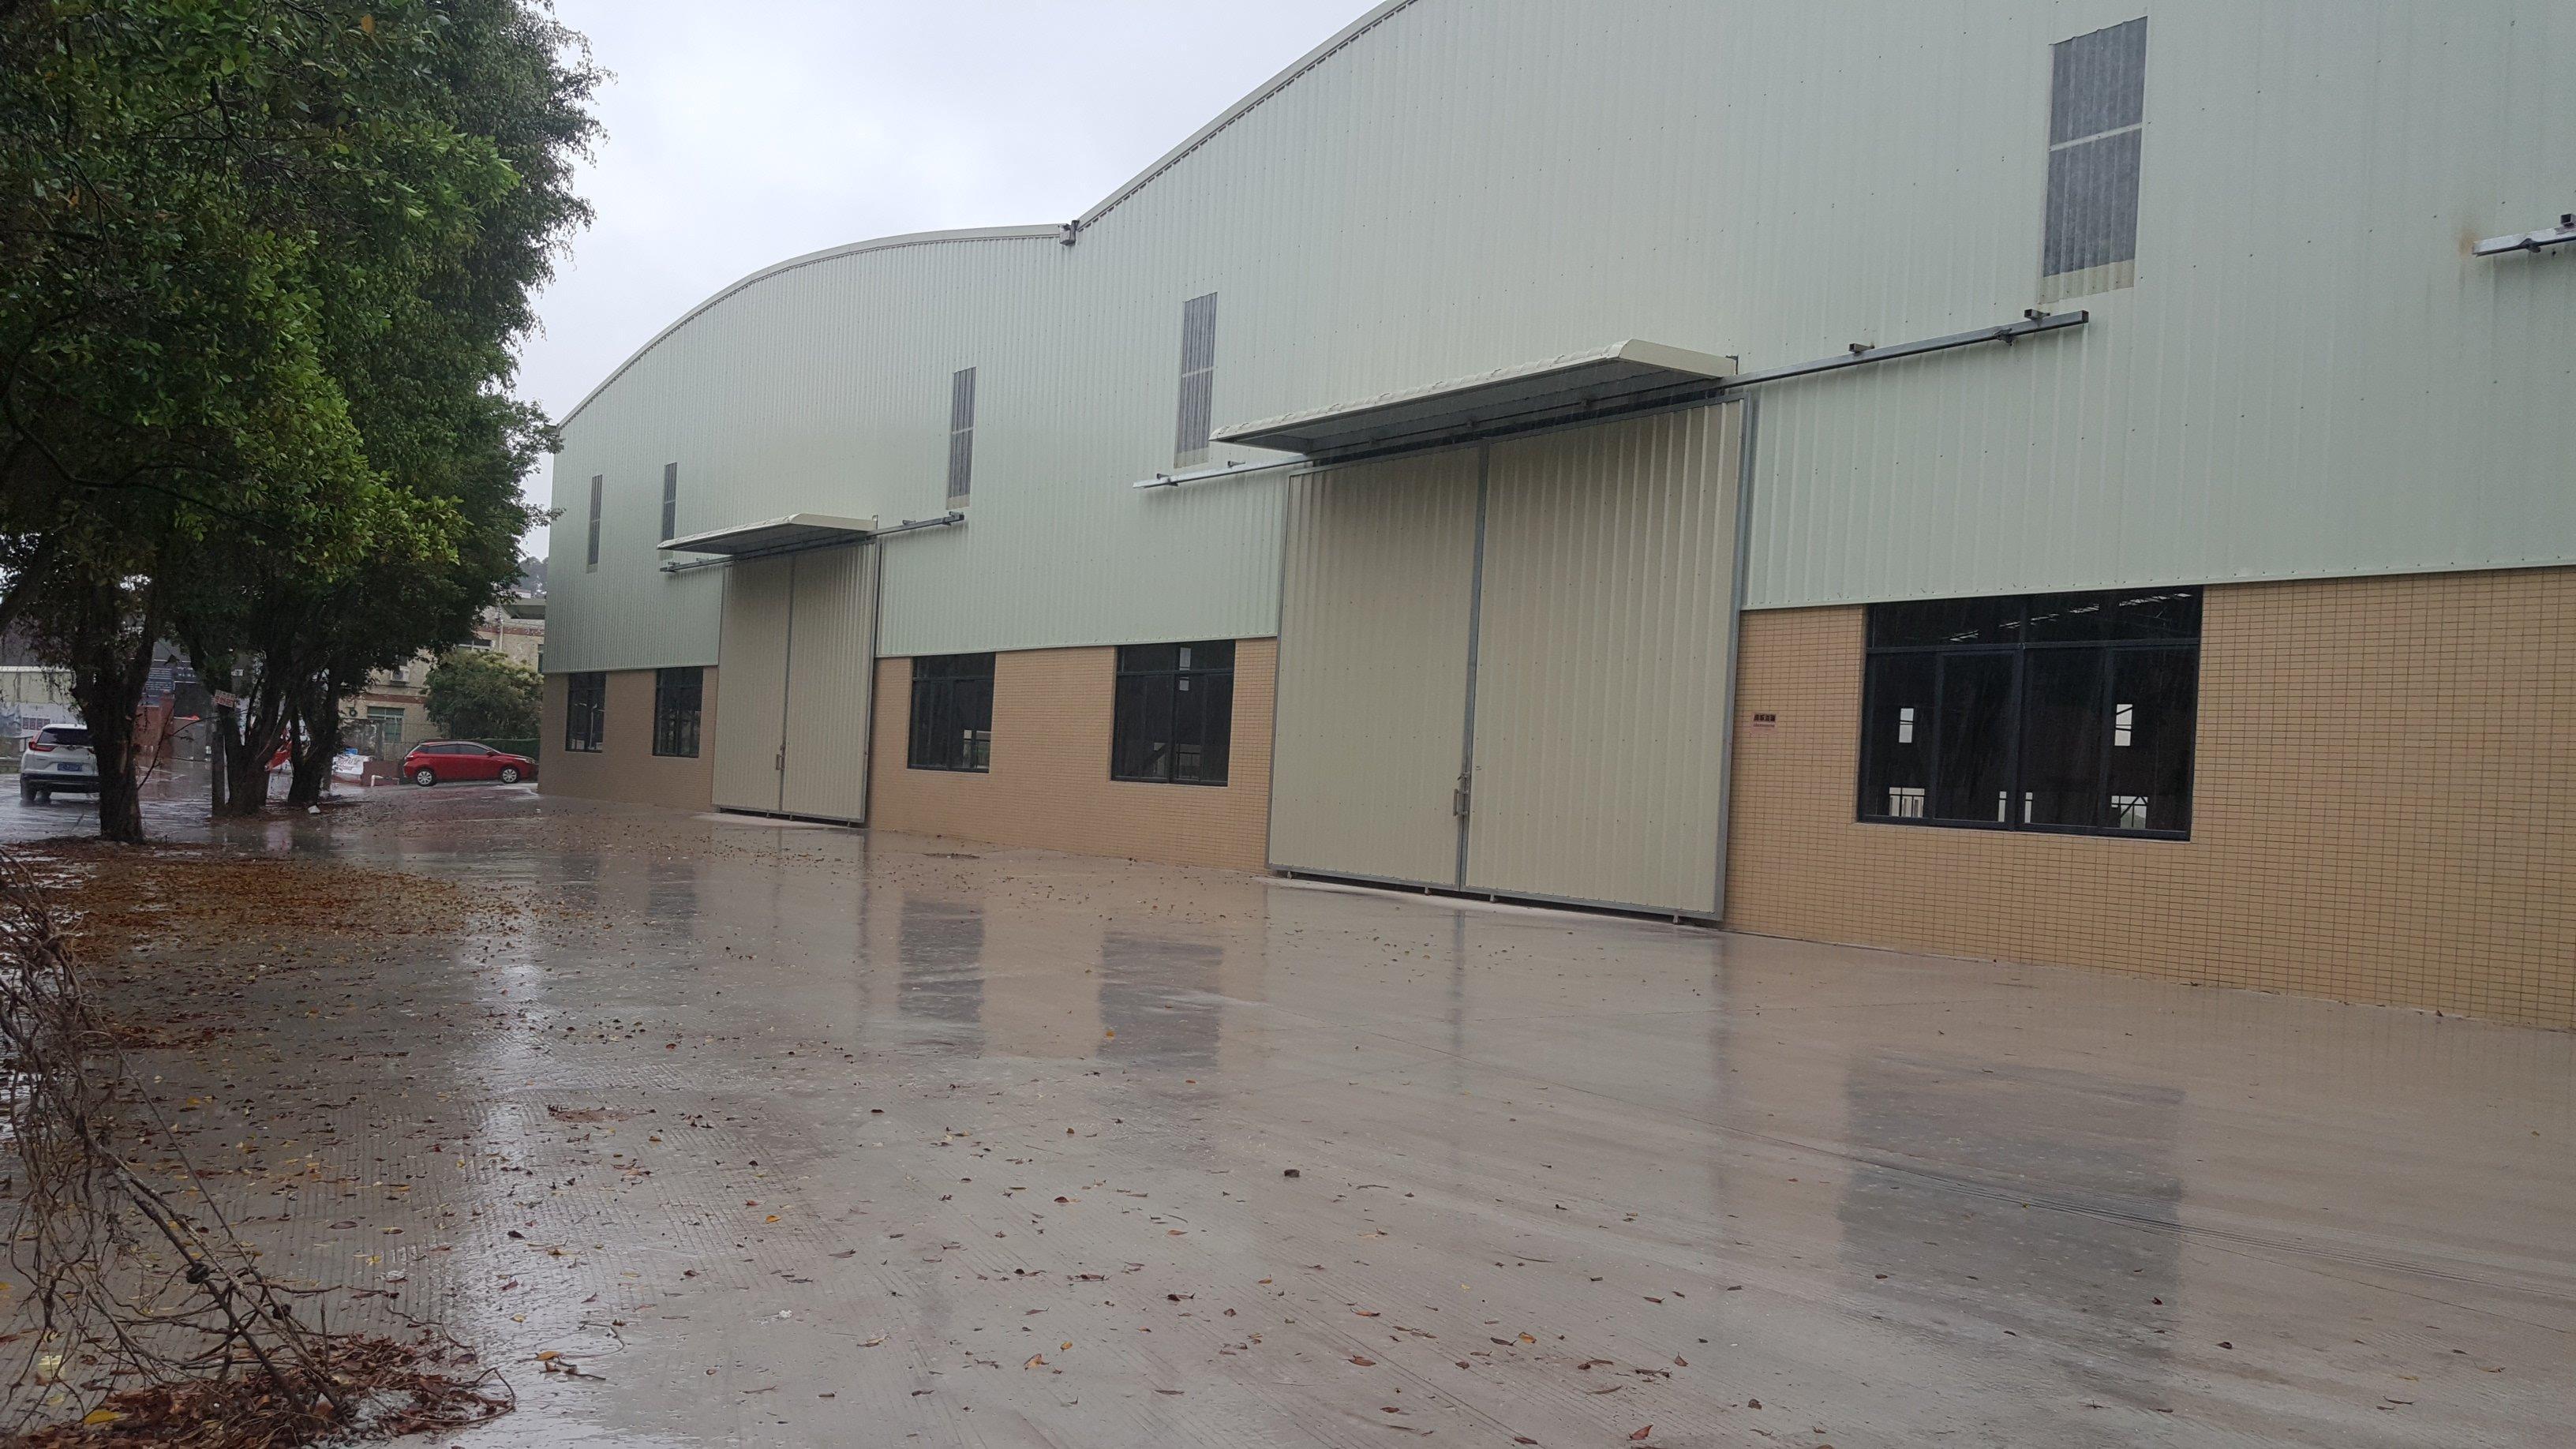 大沥镇颜峰工业区单一层原房东厂房,配备齐全可分租可停放拖头车